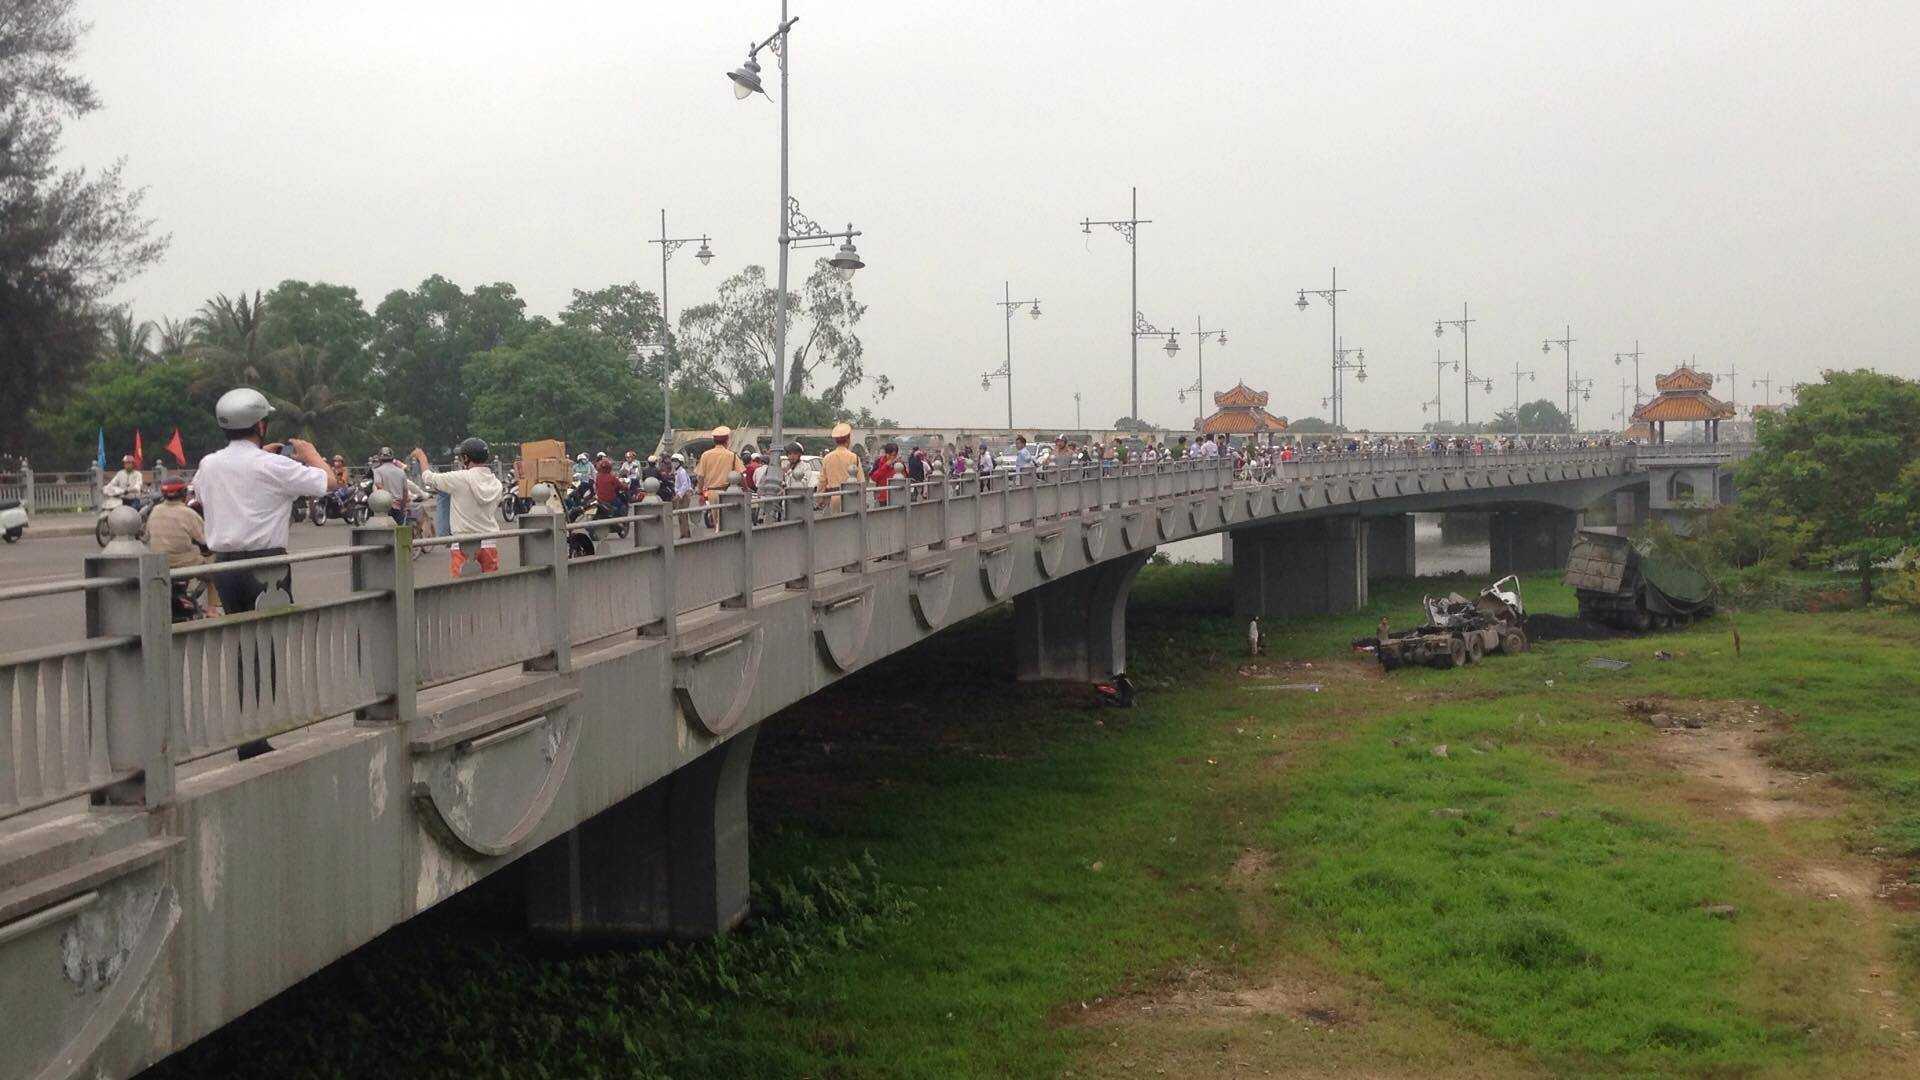 Xe đầu kéo cày nát một đoạn thành cầu trước khi lao xuống sông.